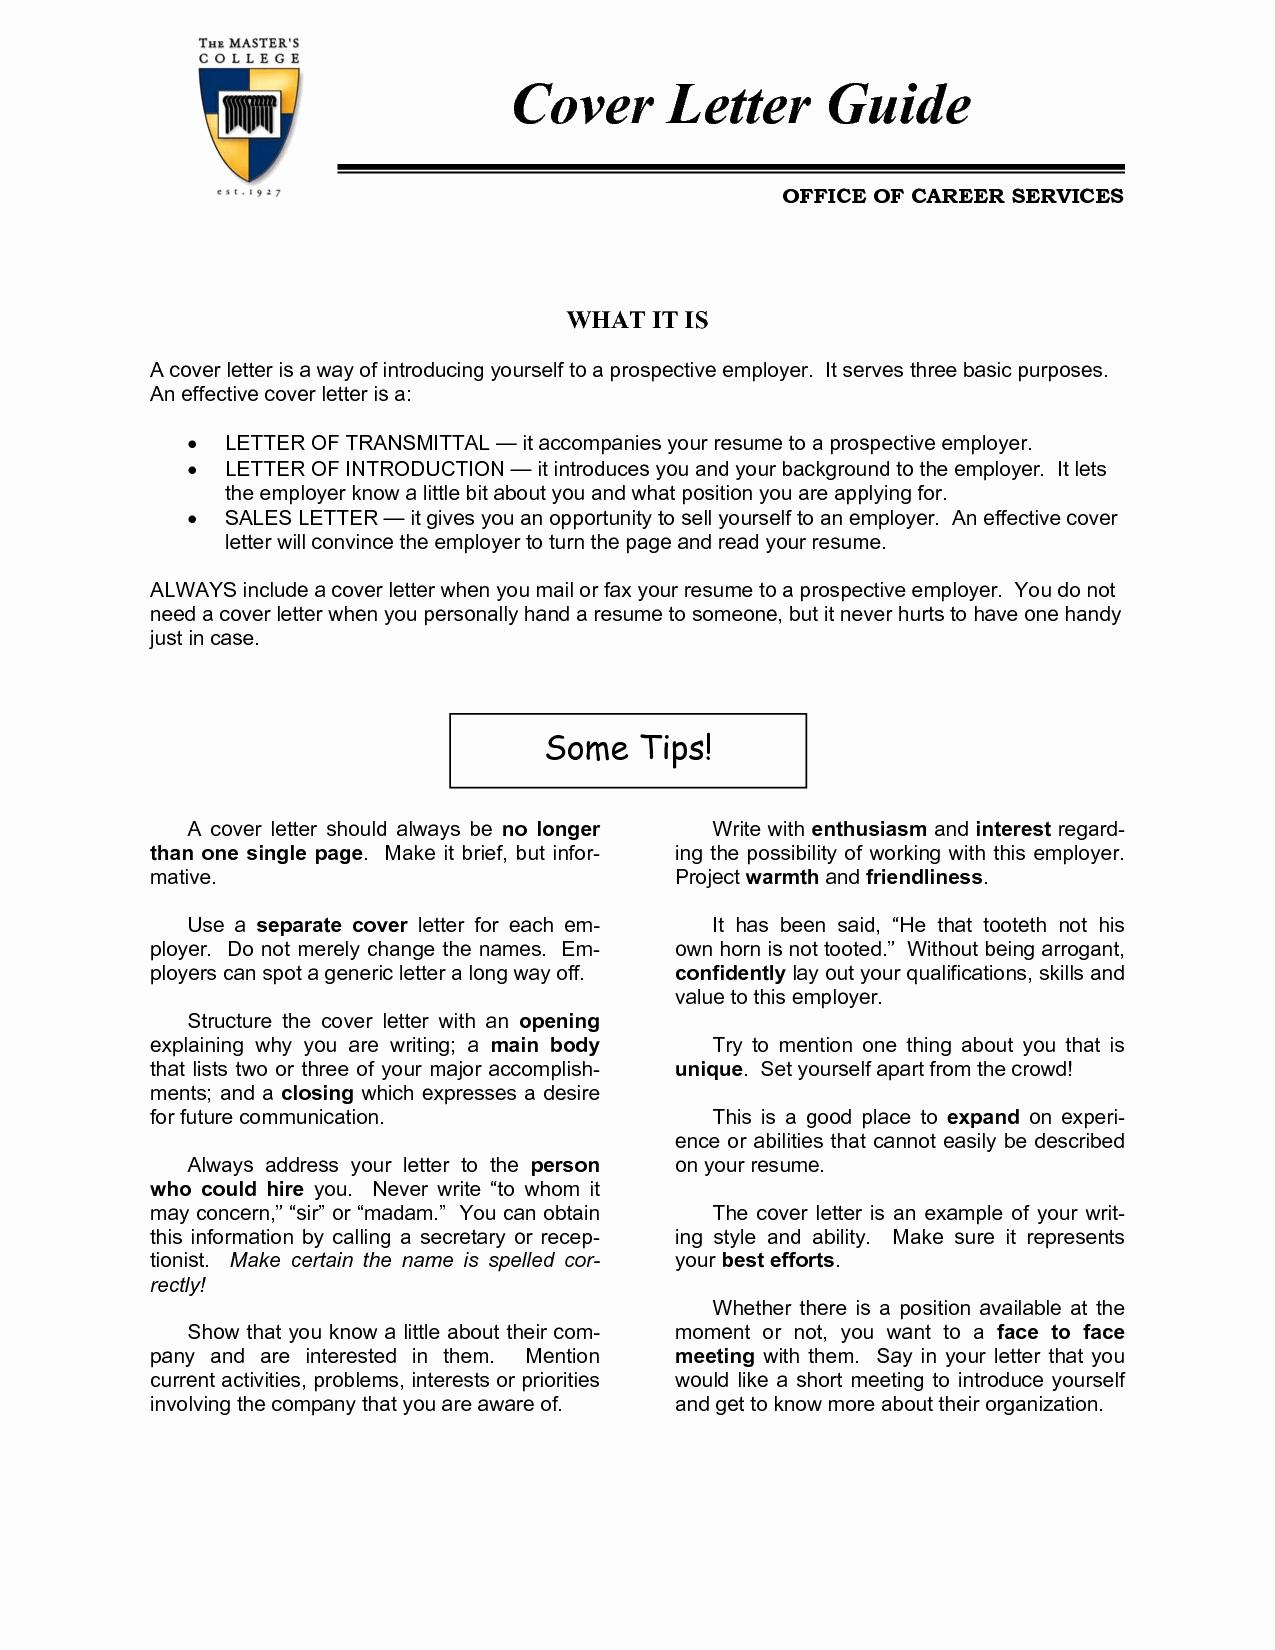 Sample Cover Letter for Career Change Jobs